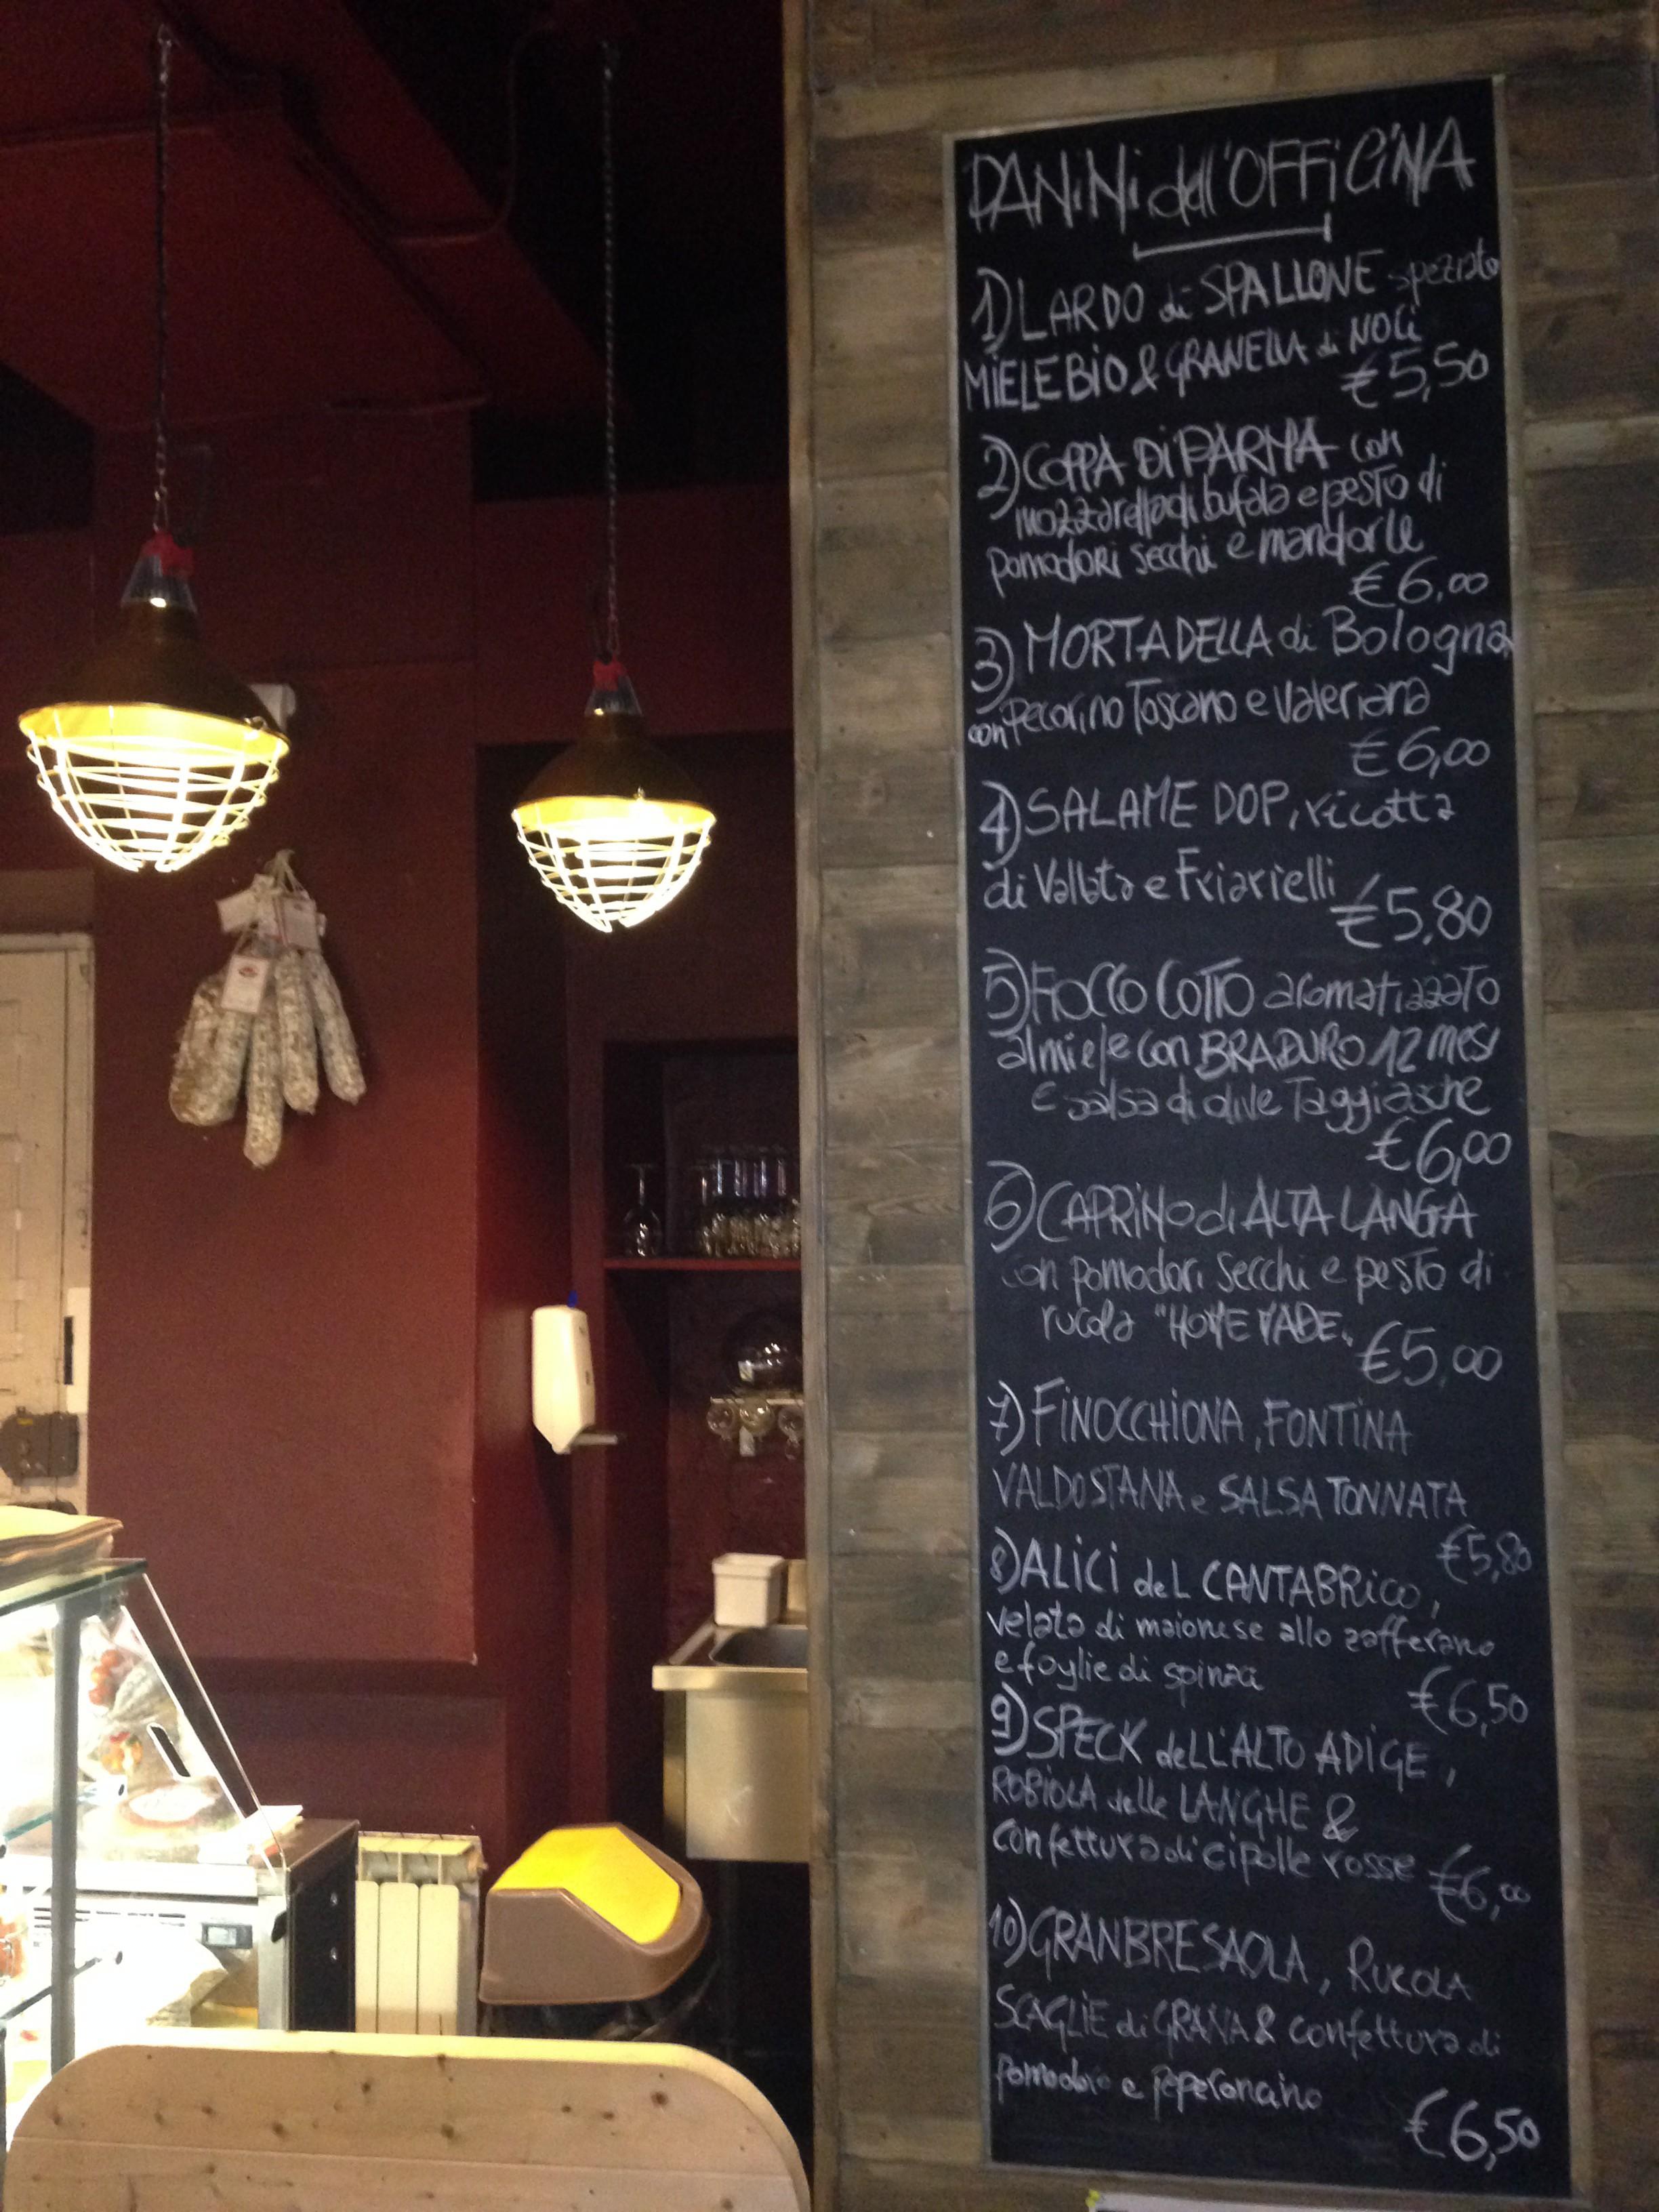 La lista degli ottimi panini delle Officine Panino, molti dei quali con salumi Vecchio Varzi